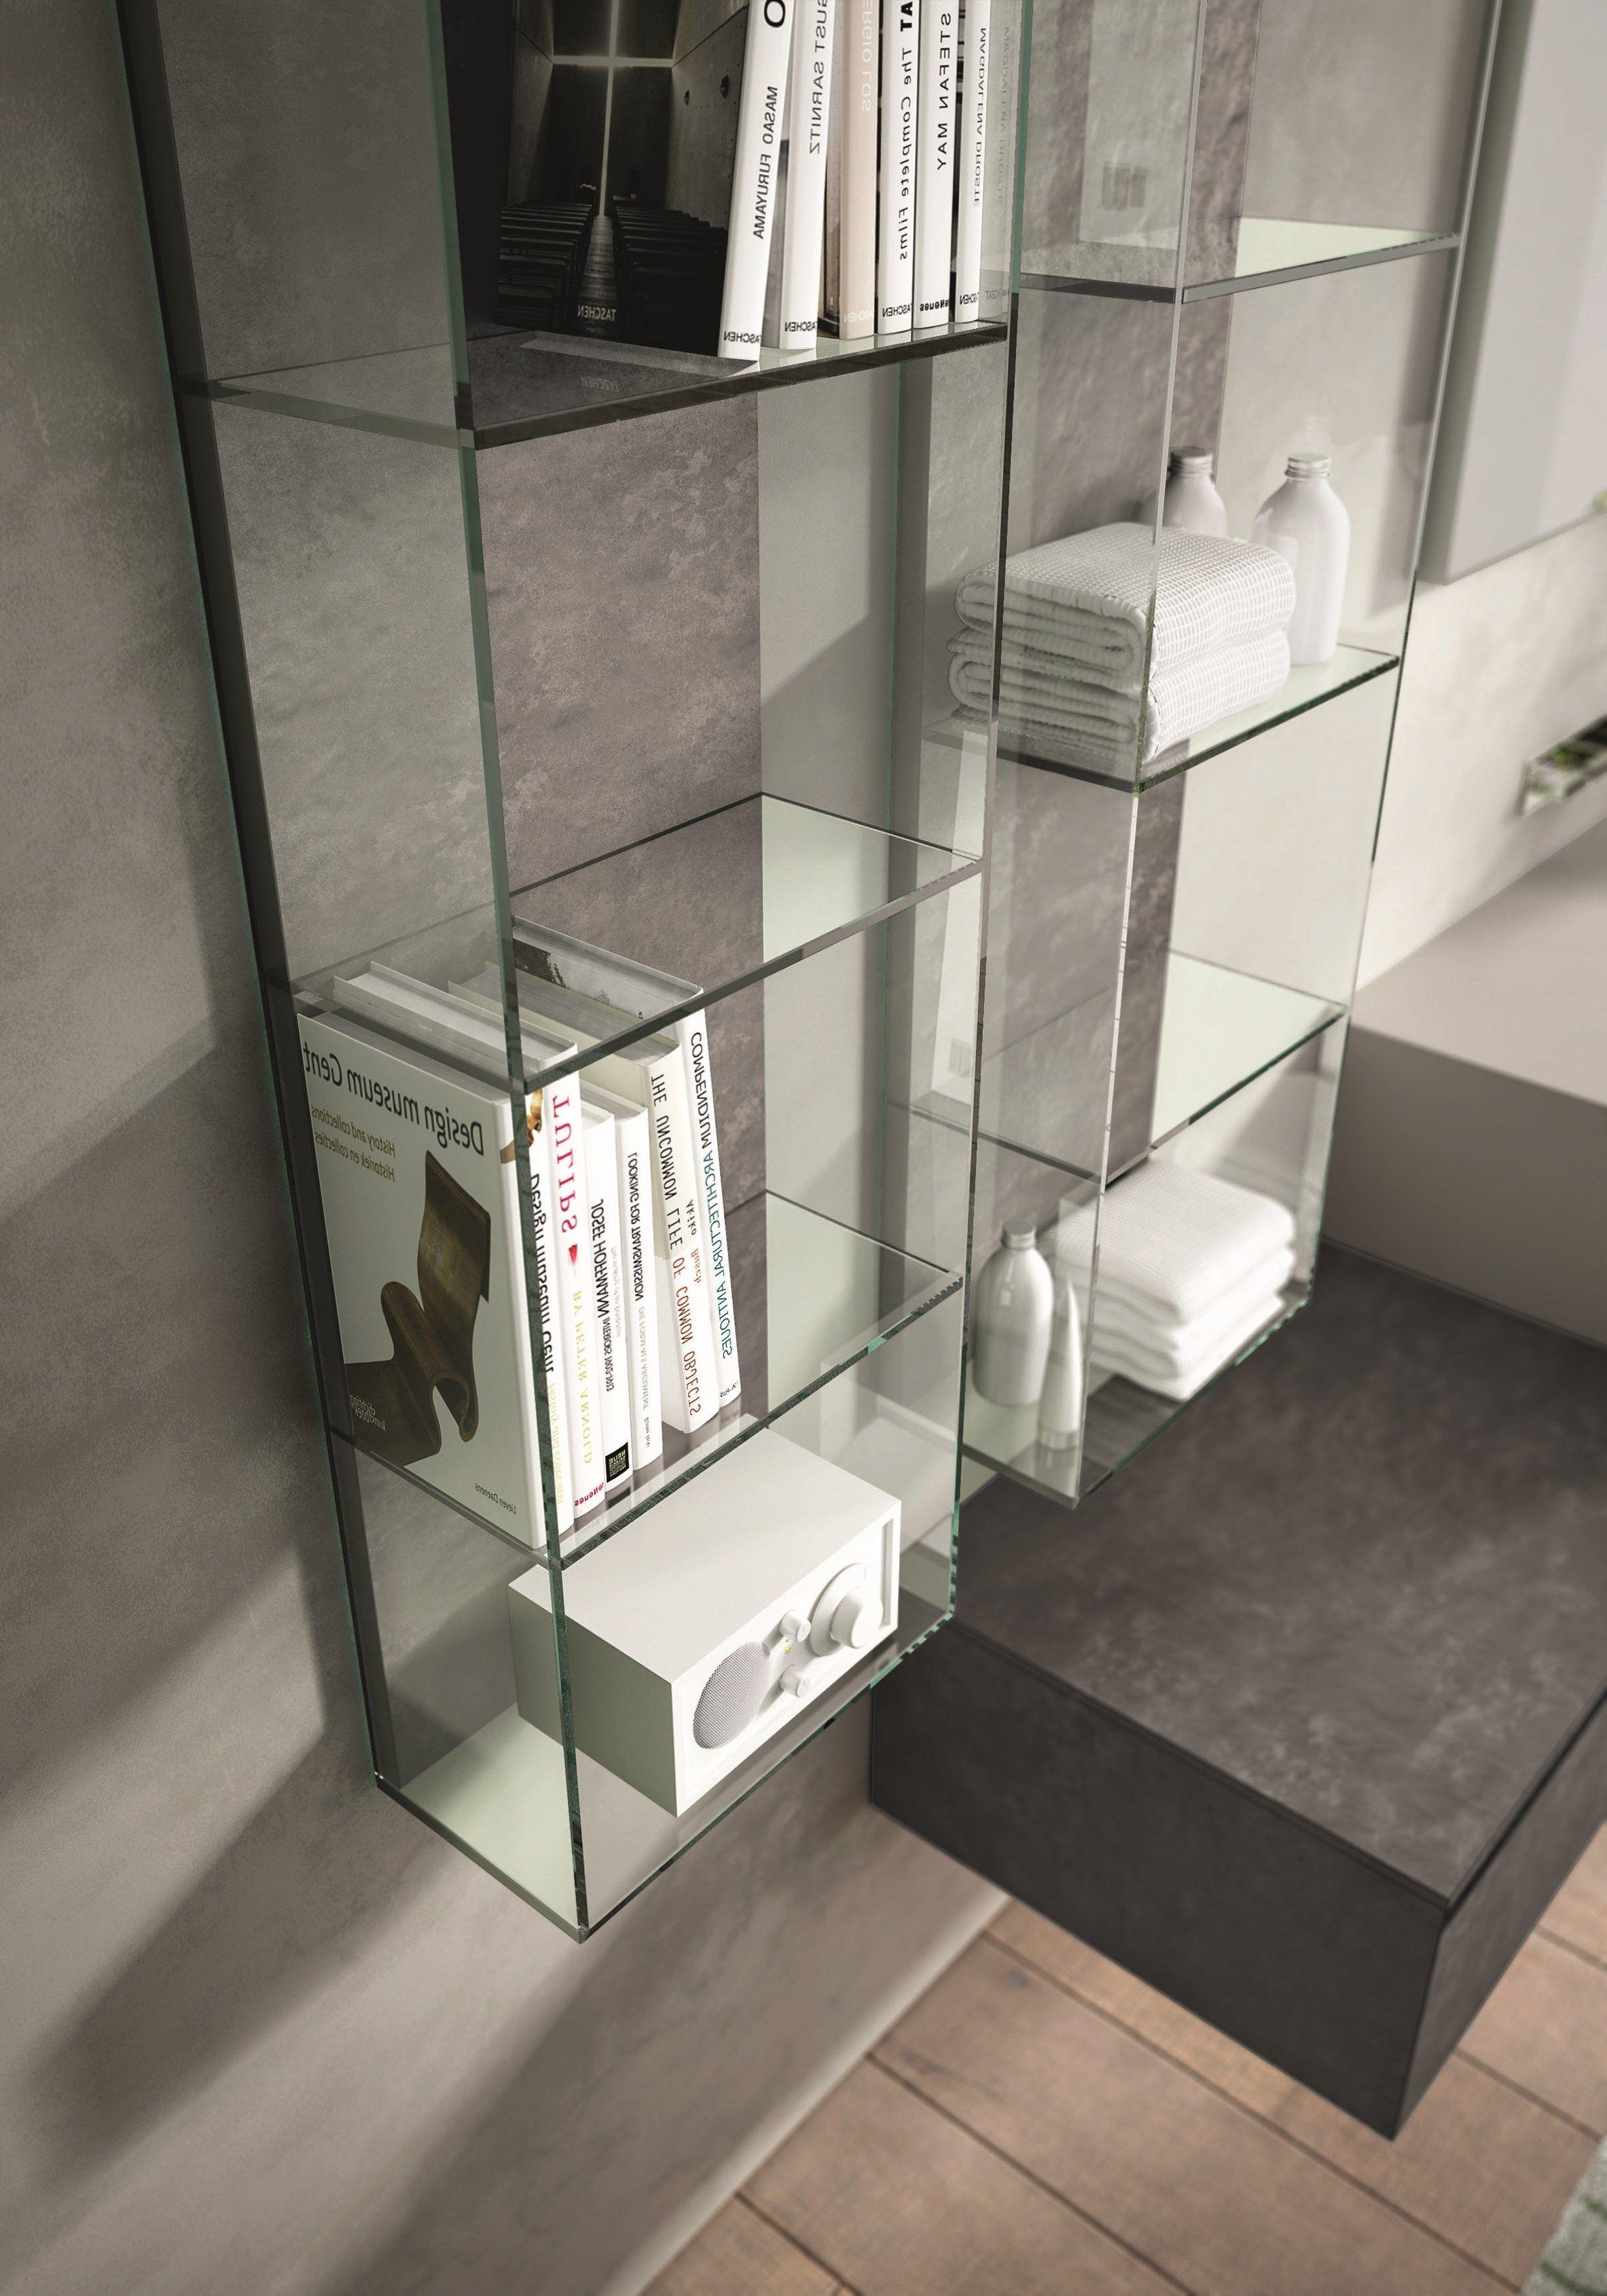 Arredo bagno completo in legno cubik n 11 by ideagroup - Arredo bagno completo ...